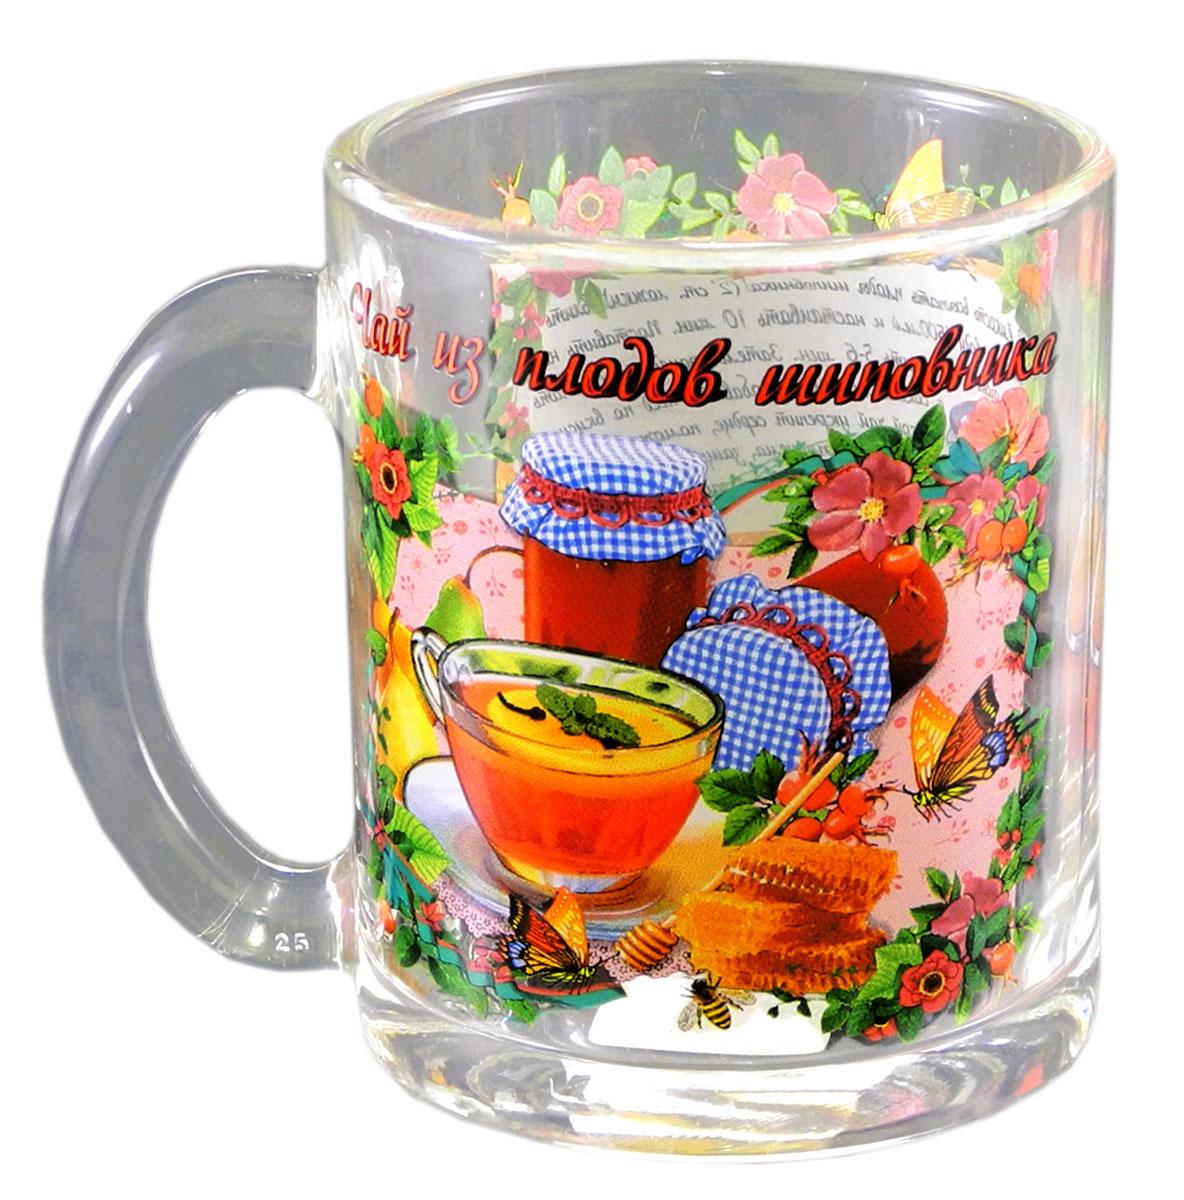 Кружка Квестор Чай из плодов шиповника , 320 мл54 009312Кружка Чай из плодов шиповника выполнена из стекла. Внешняя сторона оформлена оригинальным рисунком и надписью.Кружка сочетает в себе оригинальный дизайн и функциональность. Благодаря такой кружке пить напитки будет еще вкуснее.